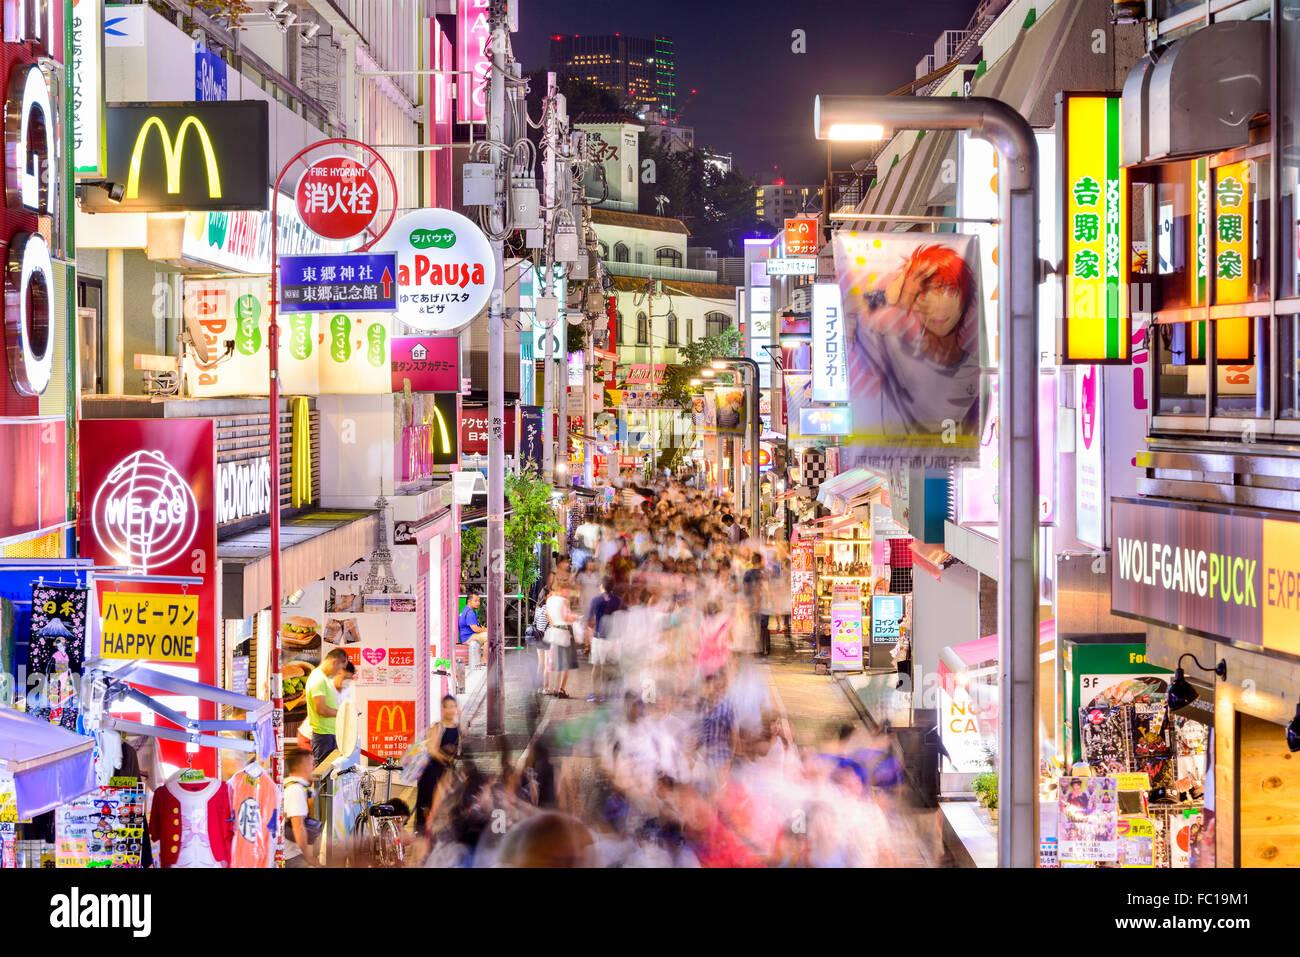 Menschenmengen durchlaufen Takeshita-Straße im Stadtteil Harajuku in der Nacht in Tokio, Japan. Stockbild